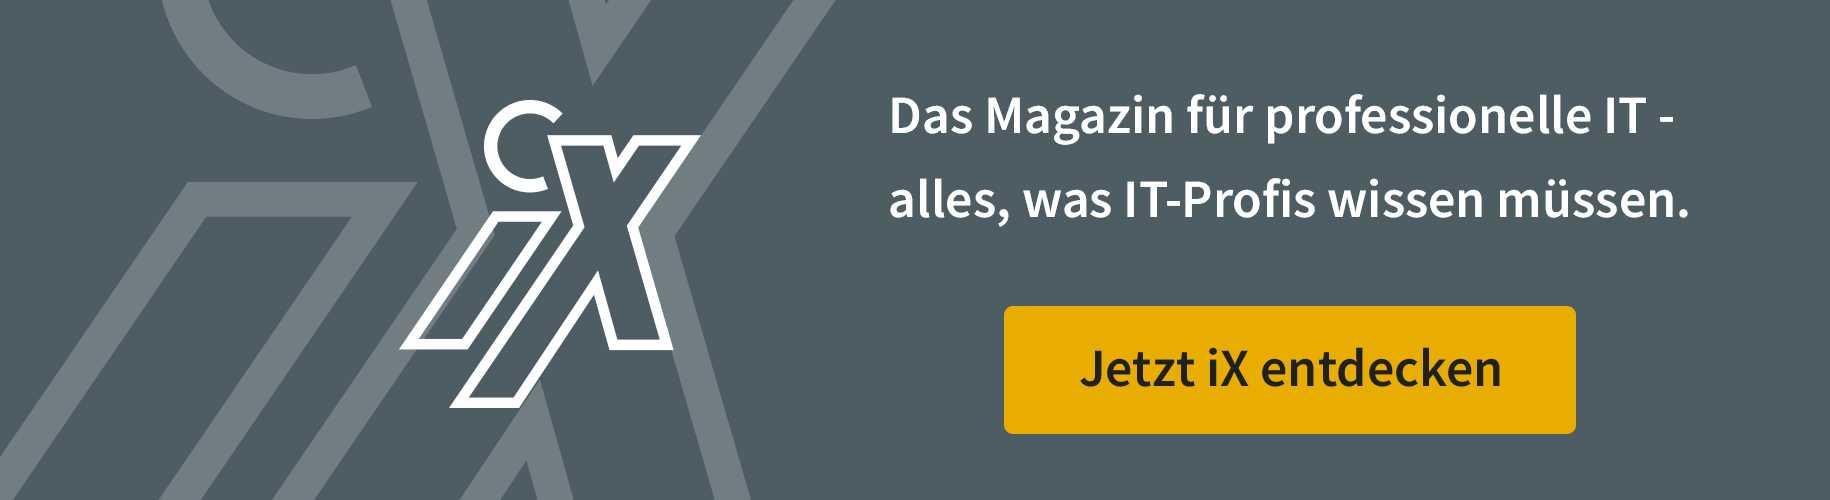 Mehr aus dem iX-Magazin